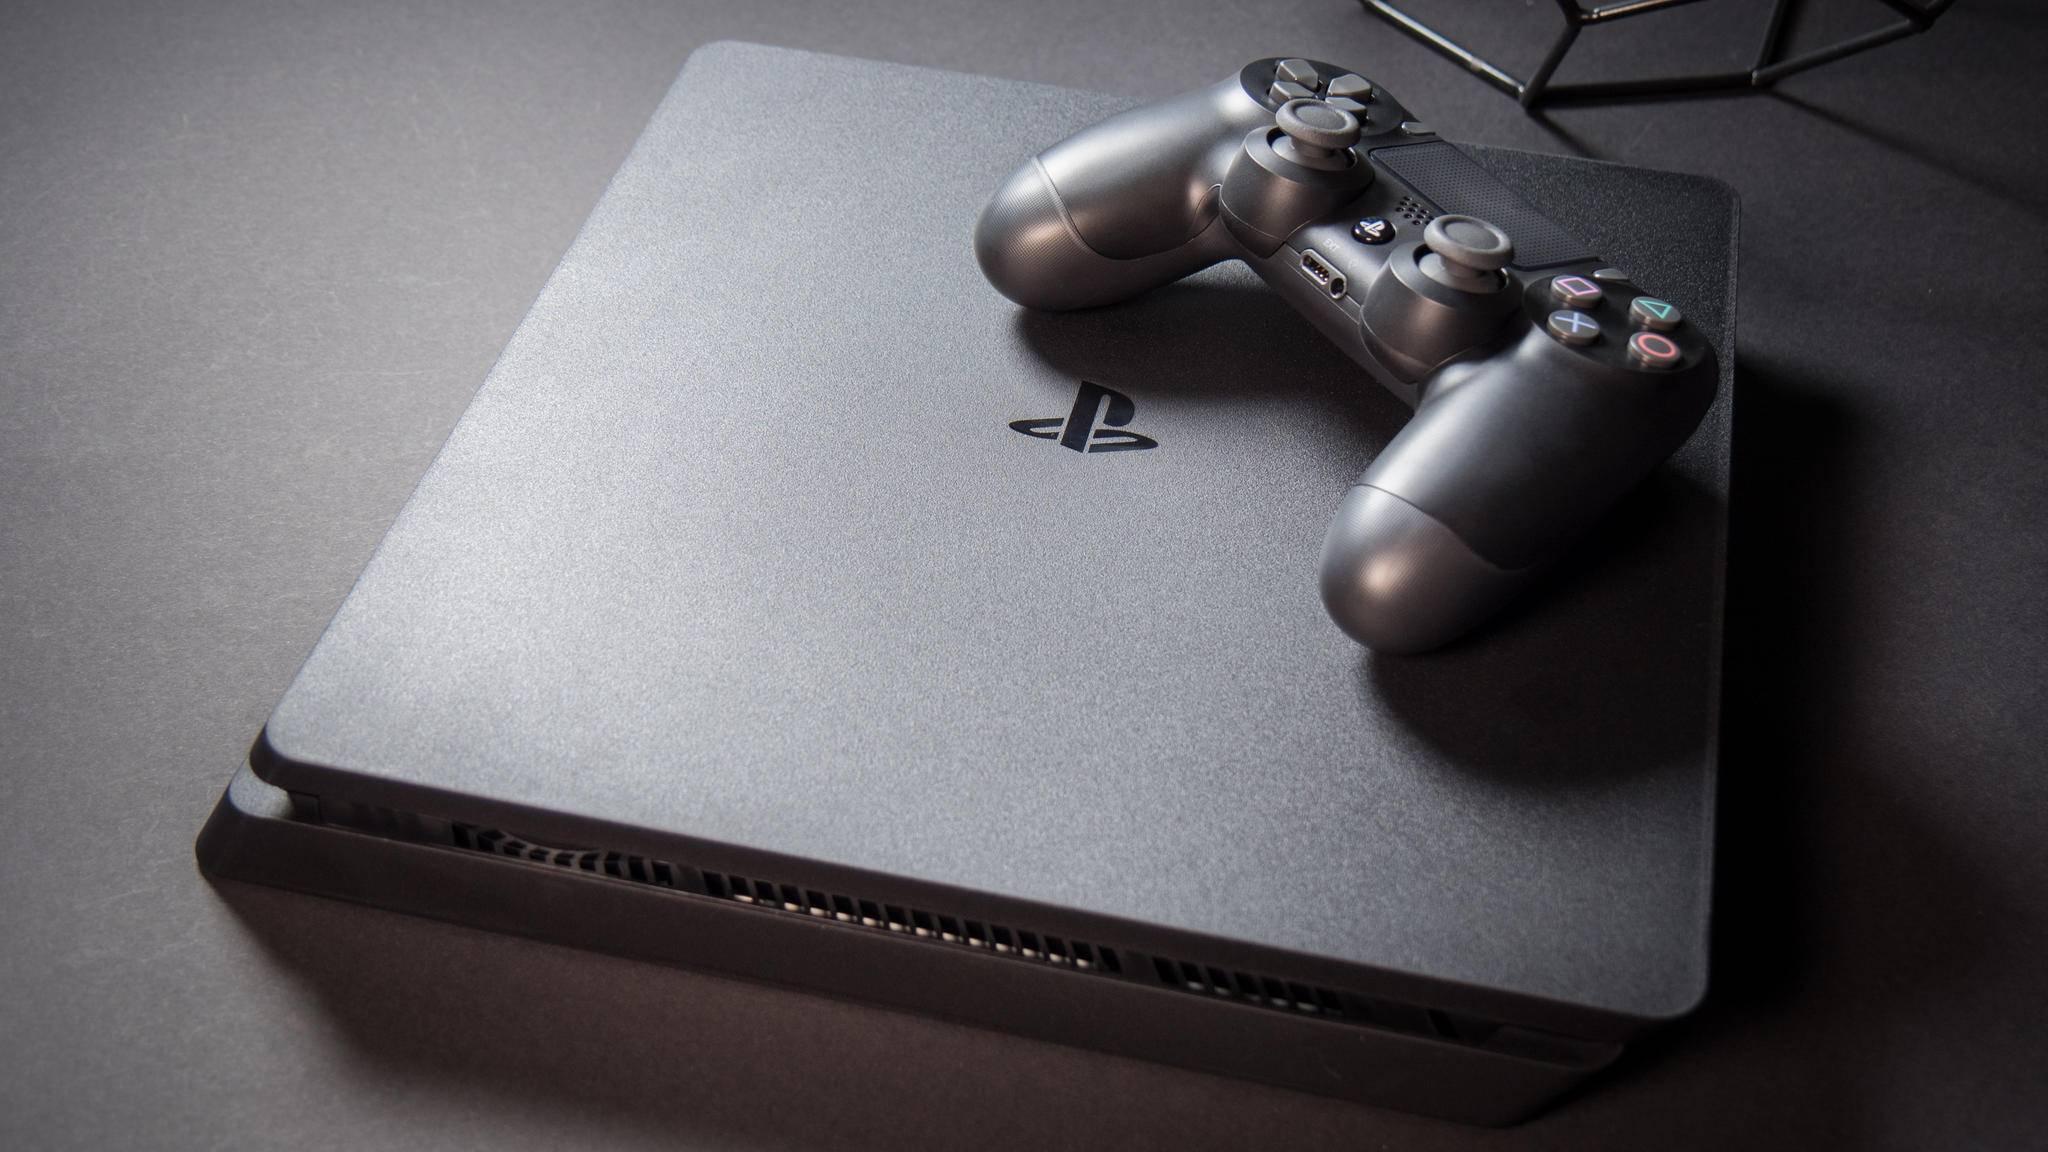 Wer seine PlayStation 4 liebt, sichert sie ab!